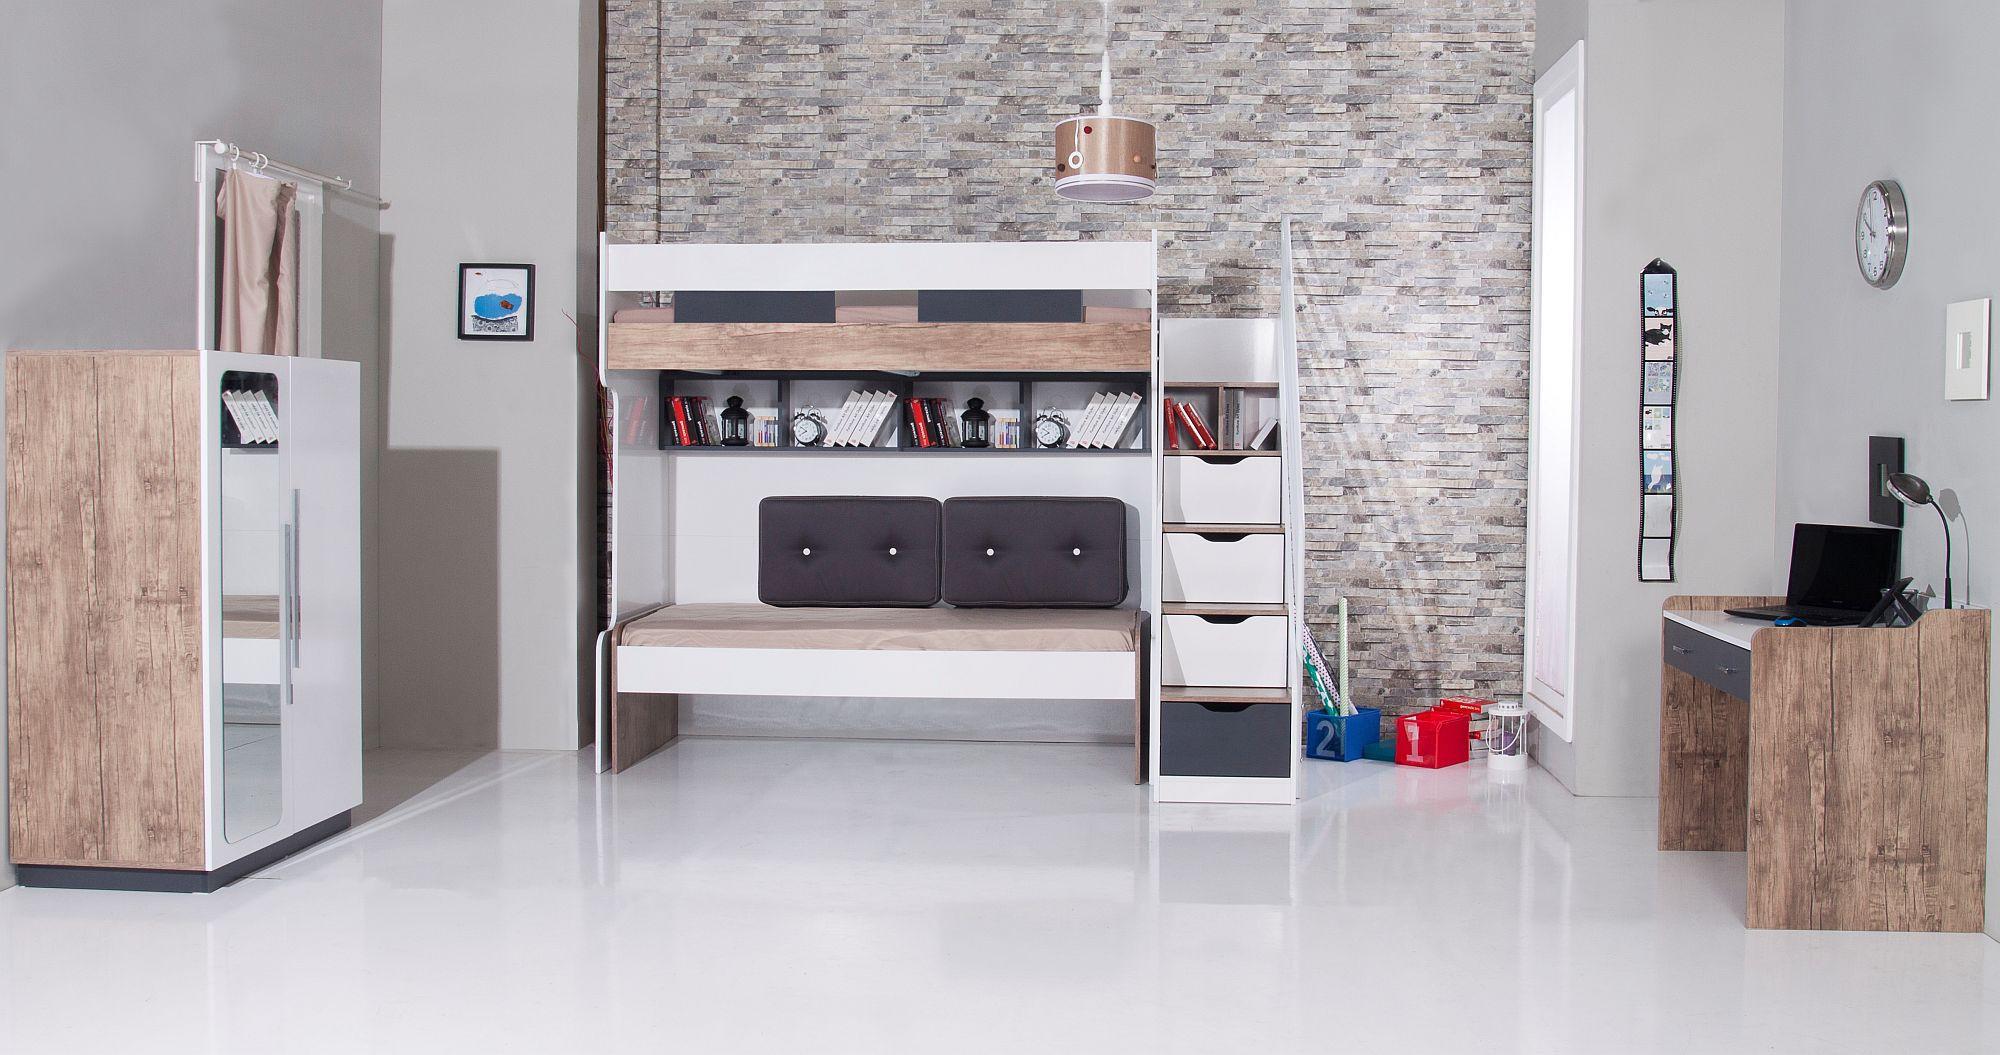 Ideeen Kleine Kinderkamer.Compact Hoogslaper Bed Bureau Bedlade Specialist In